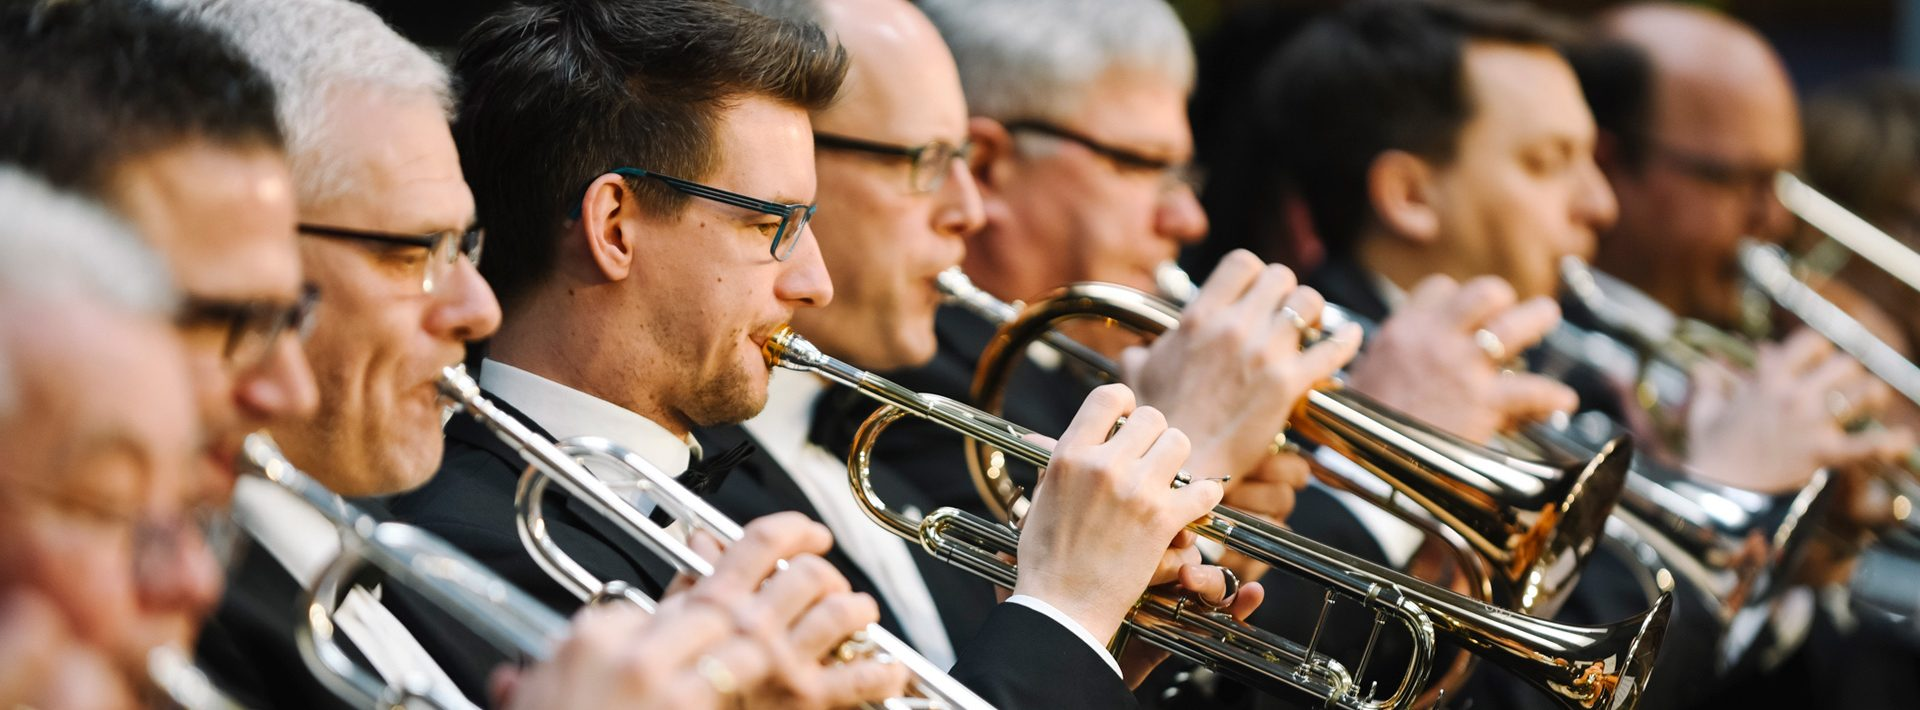 Blasorchester-Havixbeck-Trompetensatz-1920x900